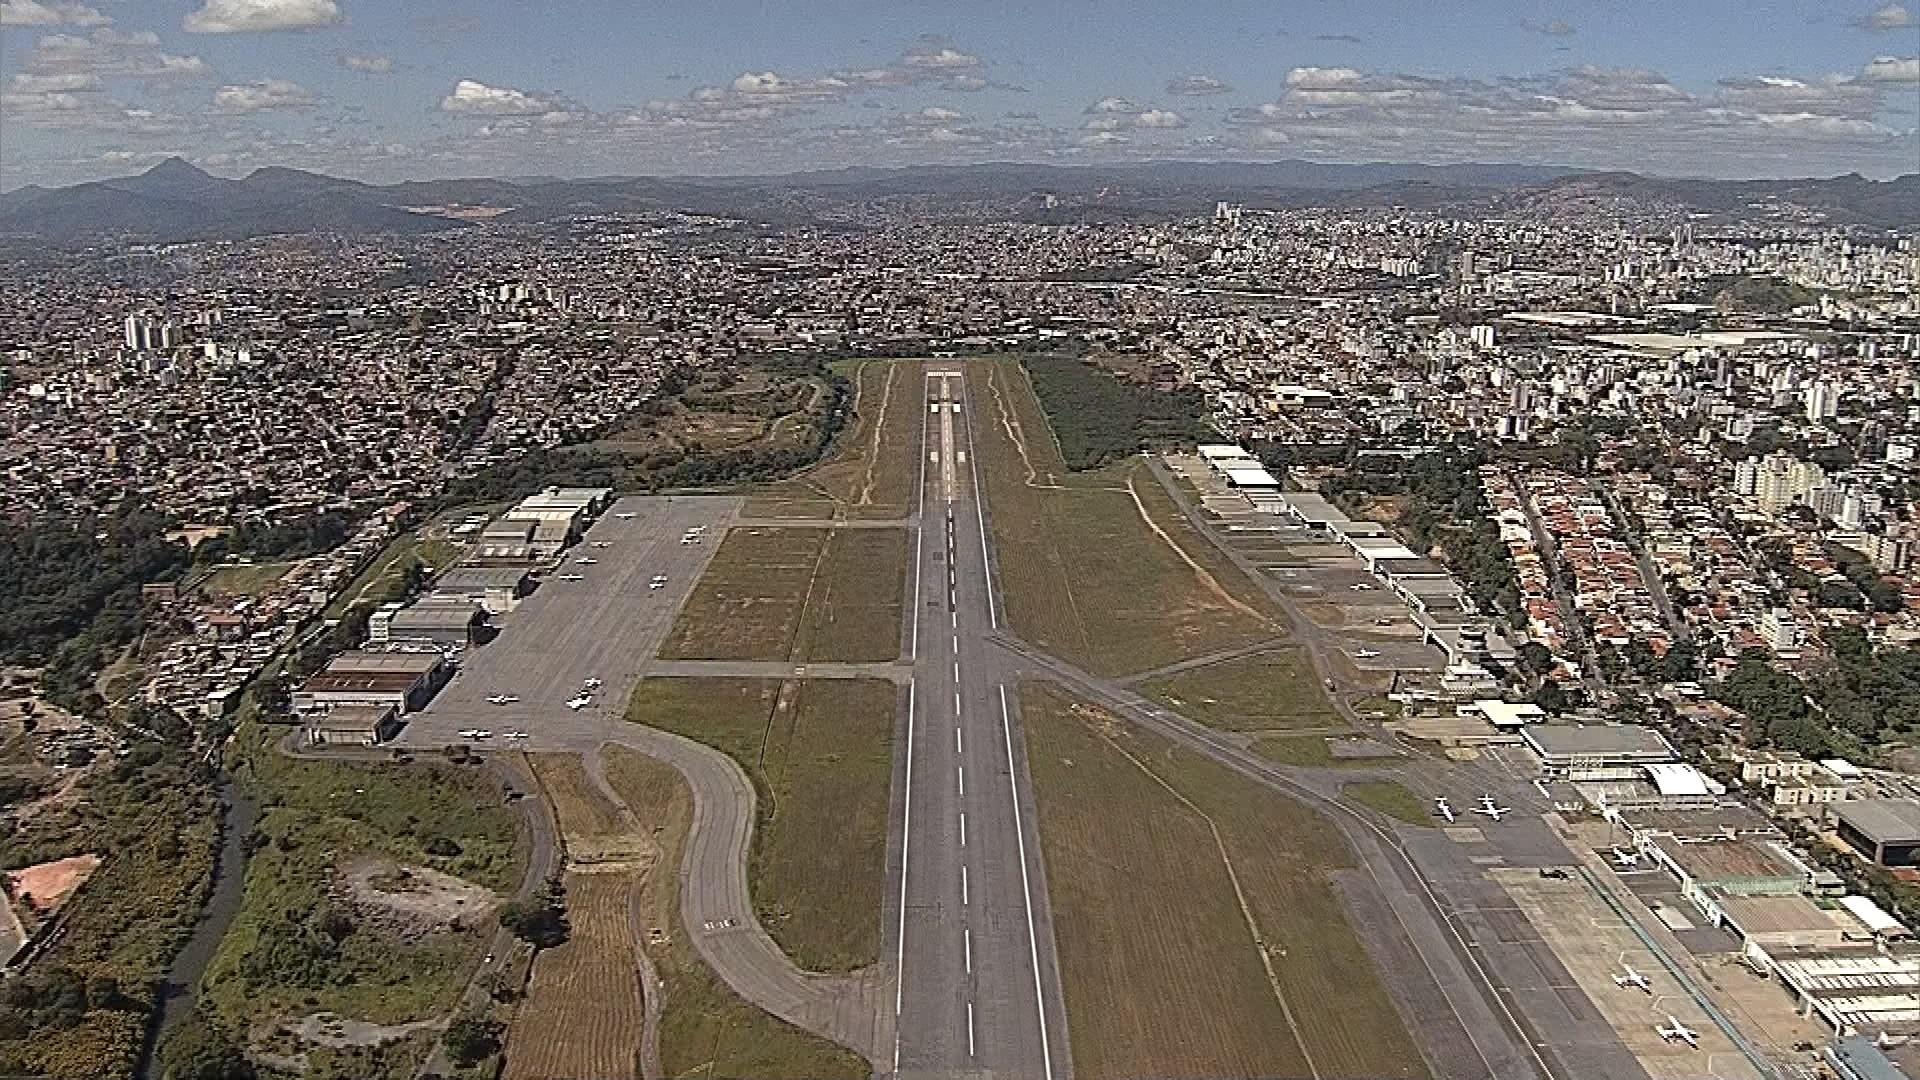 Empresas interessadas em administrar Aeroporto da Pampulha, em BH, têm até dezembro para apresentar projeto